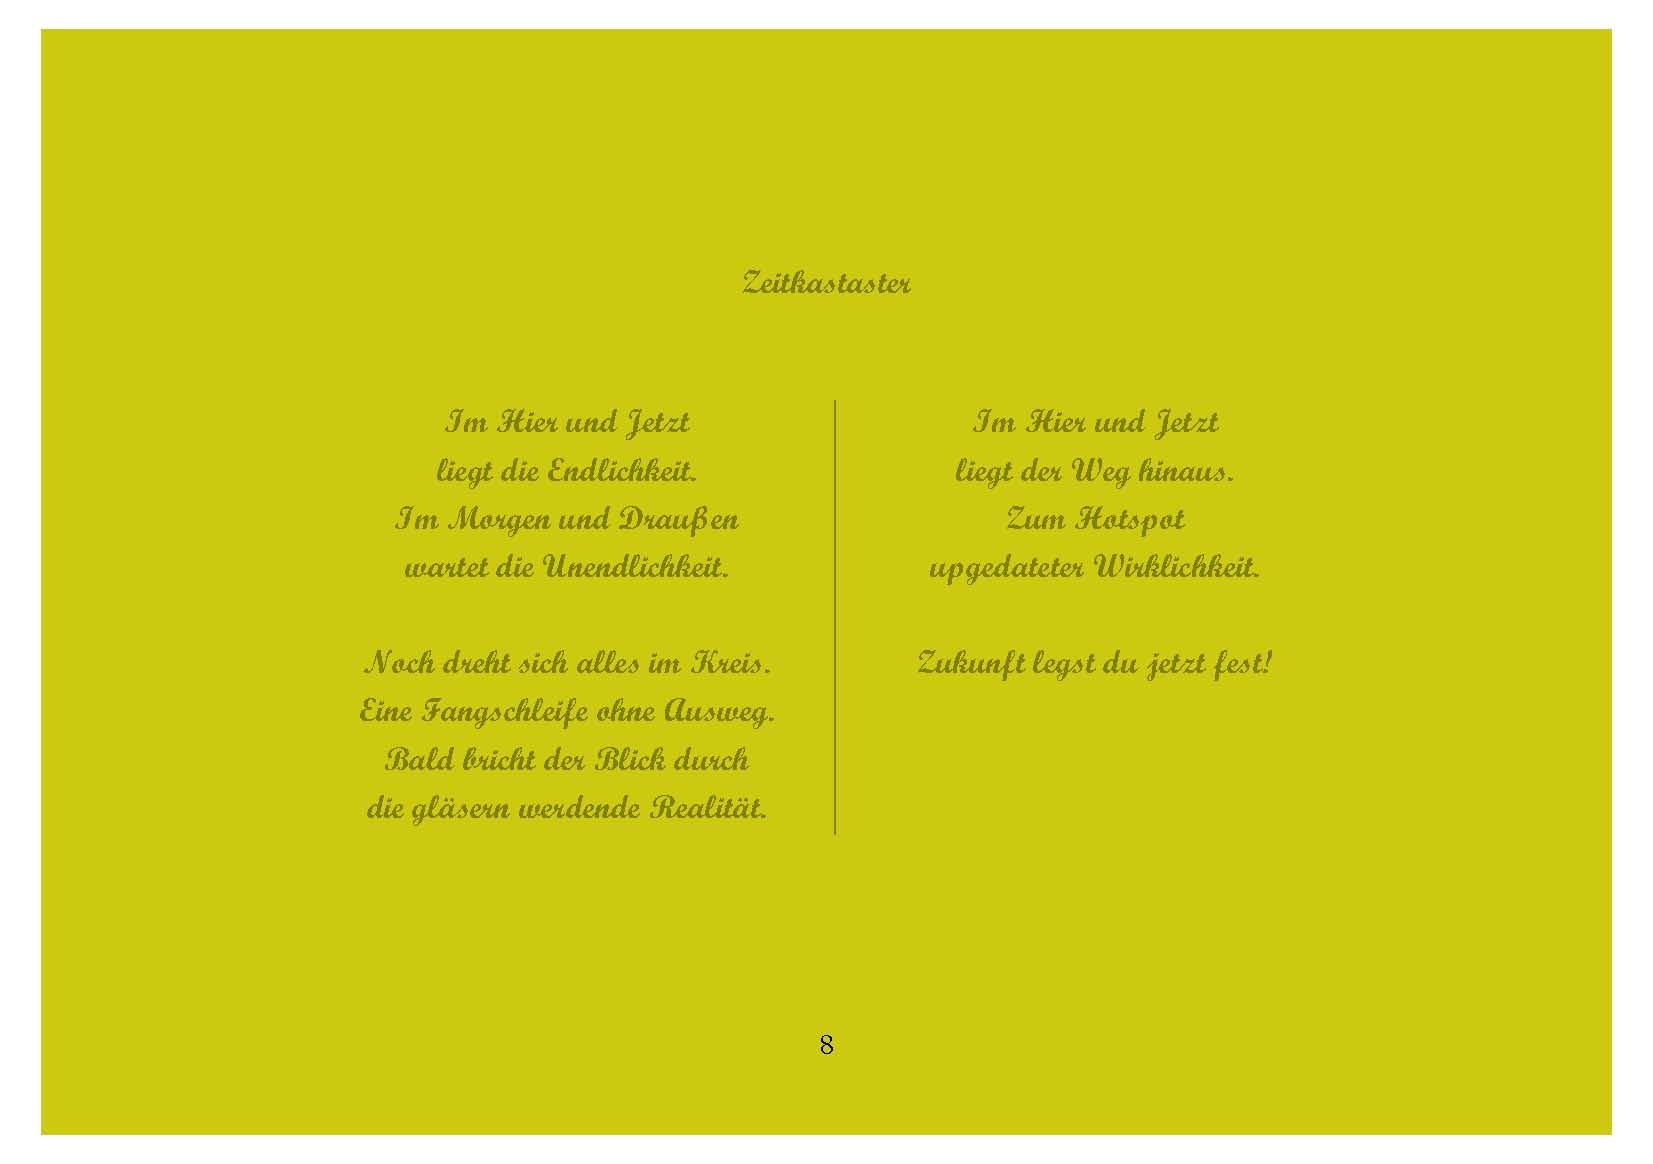 ™Gigabuch-Bibliothek/iAutobiographie Band 13/Bild 0866